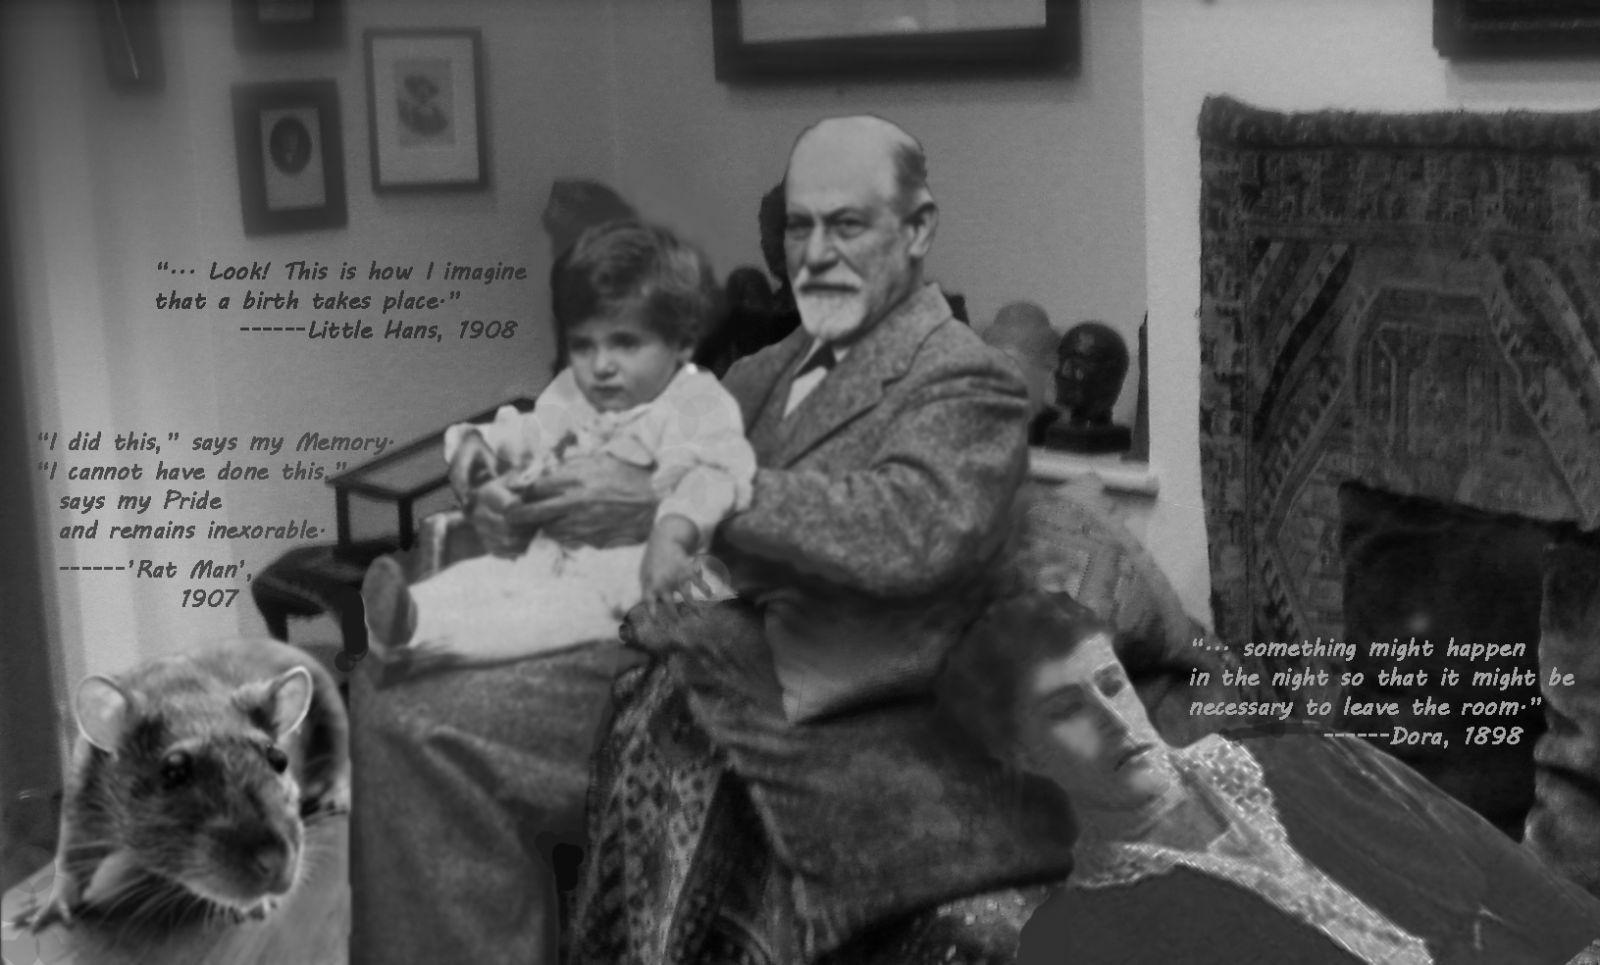 佛洛伊德的診間:精神分析理論的原初場景 | iAnalysis 吾境思塾